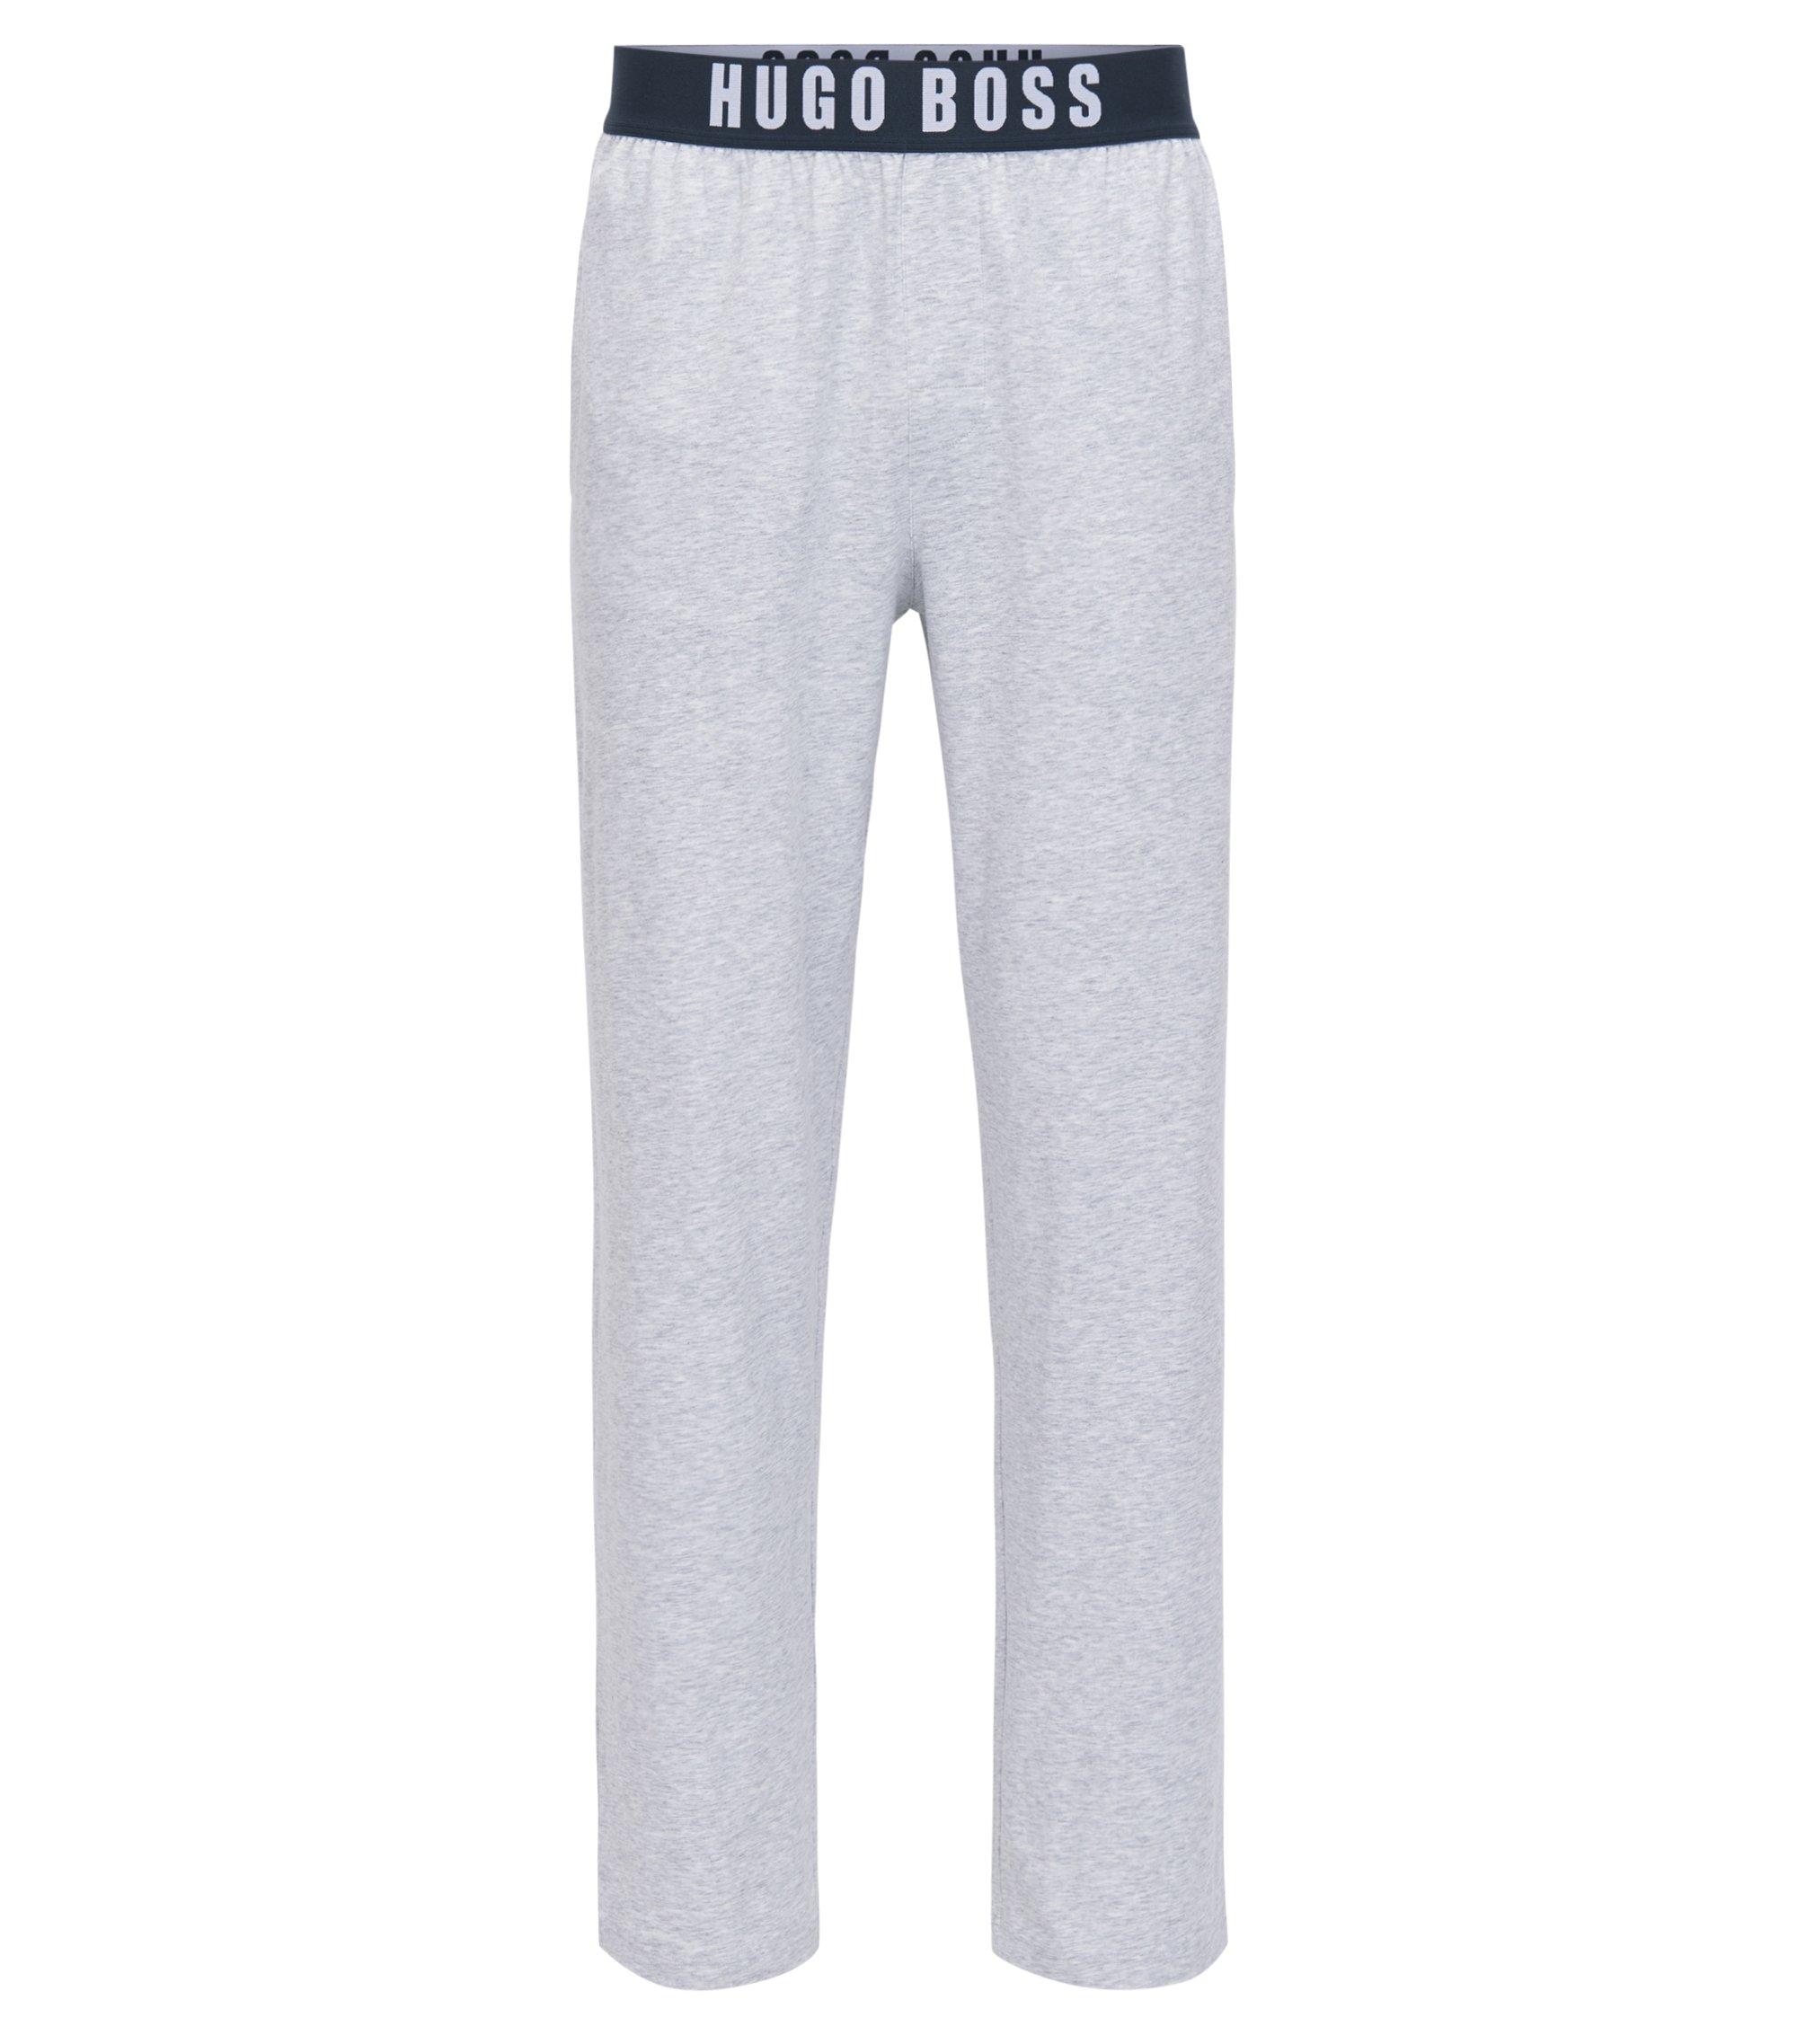 Pyjama-Hose aus elastischer Baumwolle, Grau